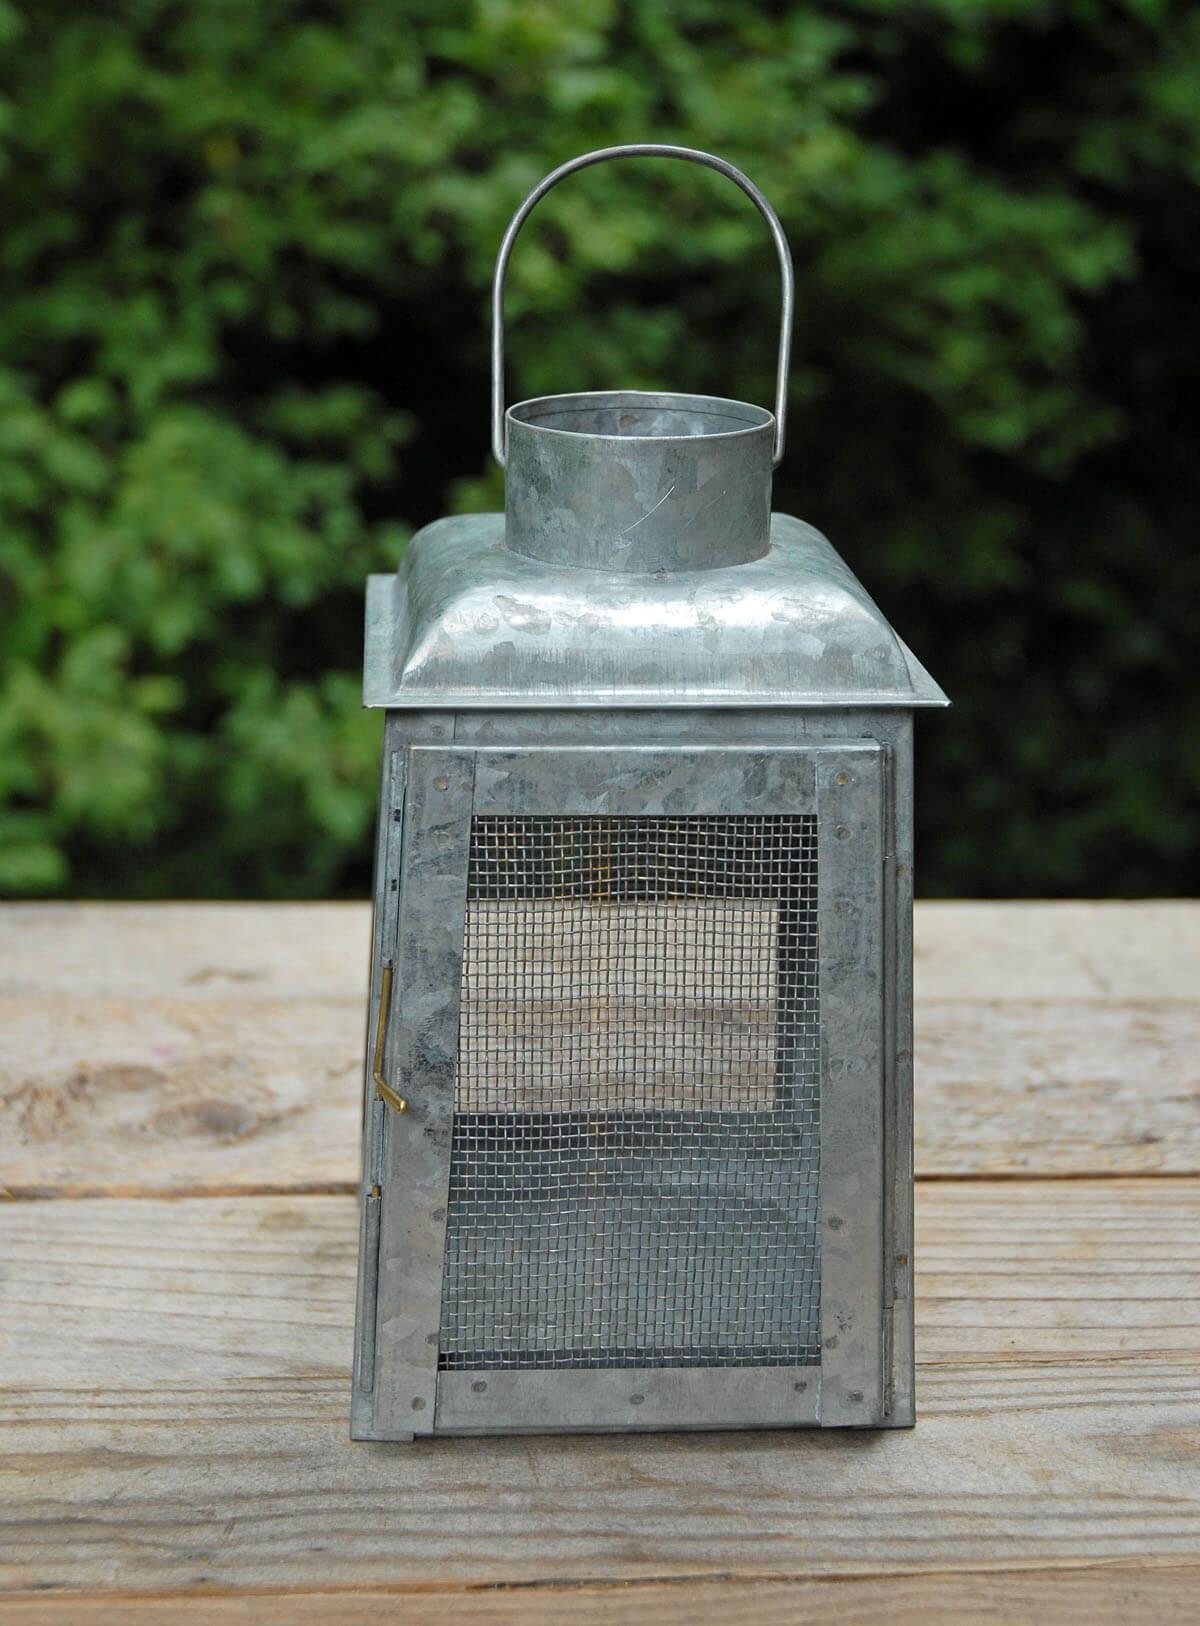 Chicken Wire Galvanized Metal Candle Lanterns